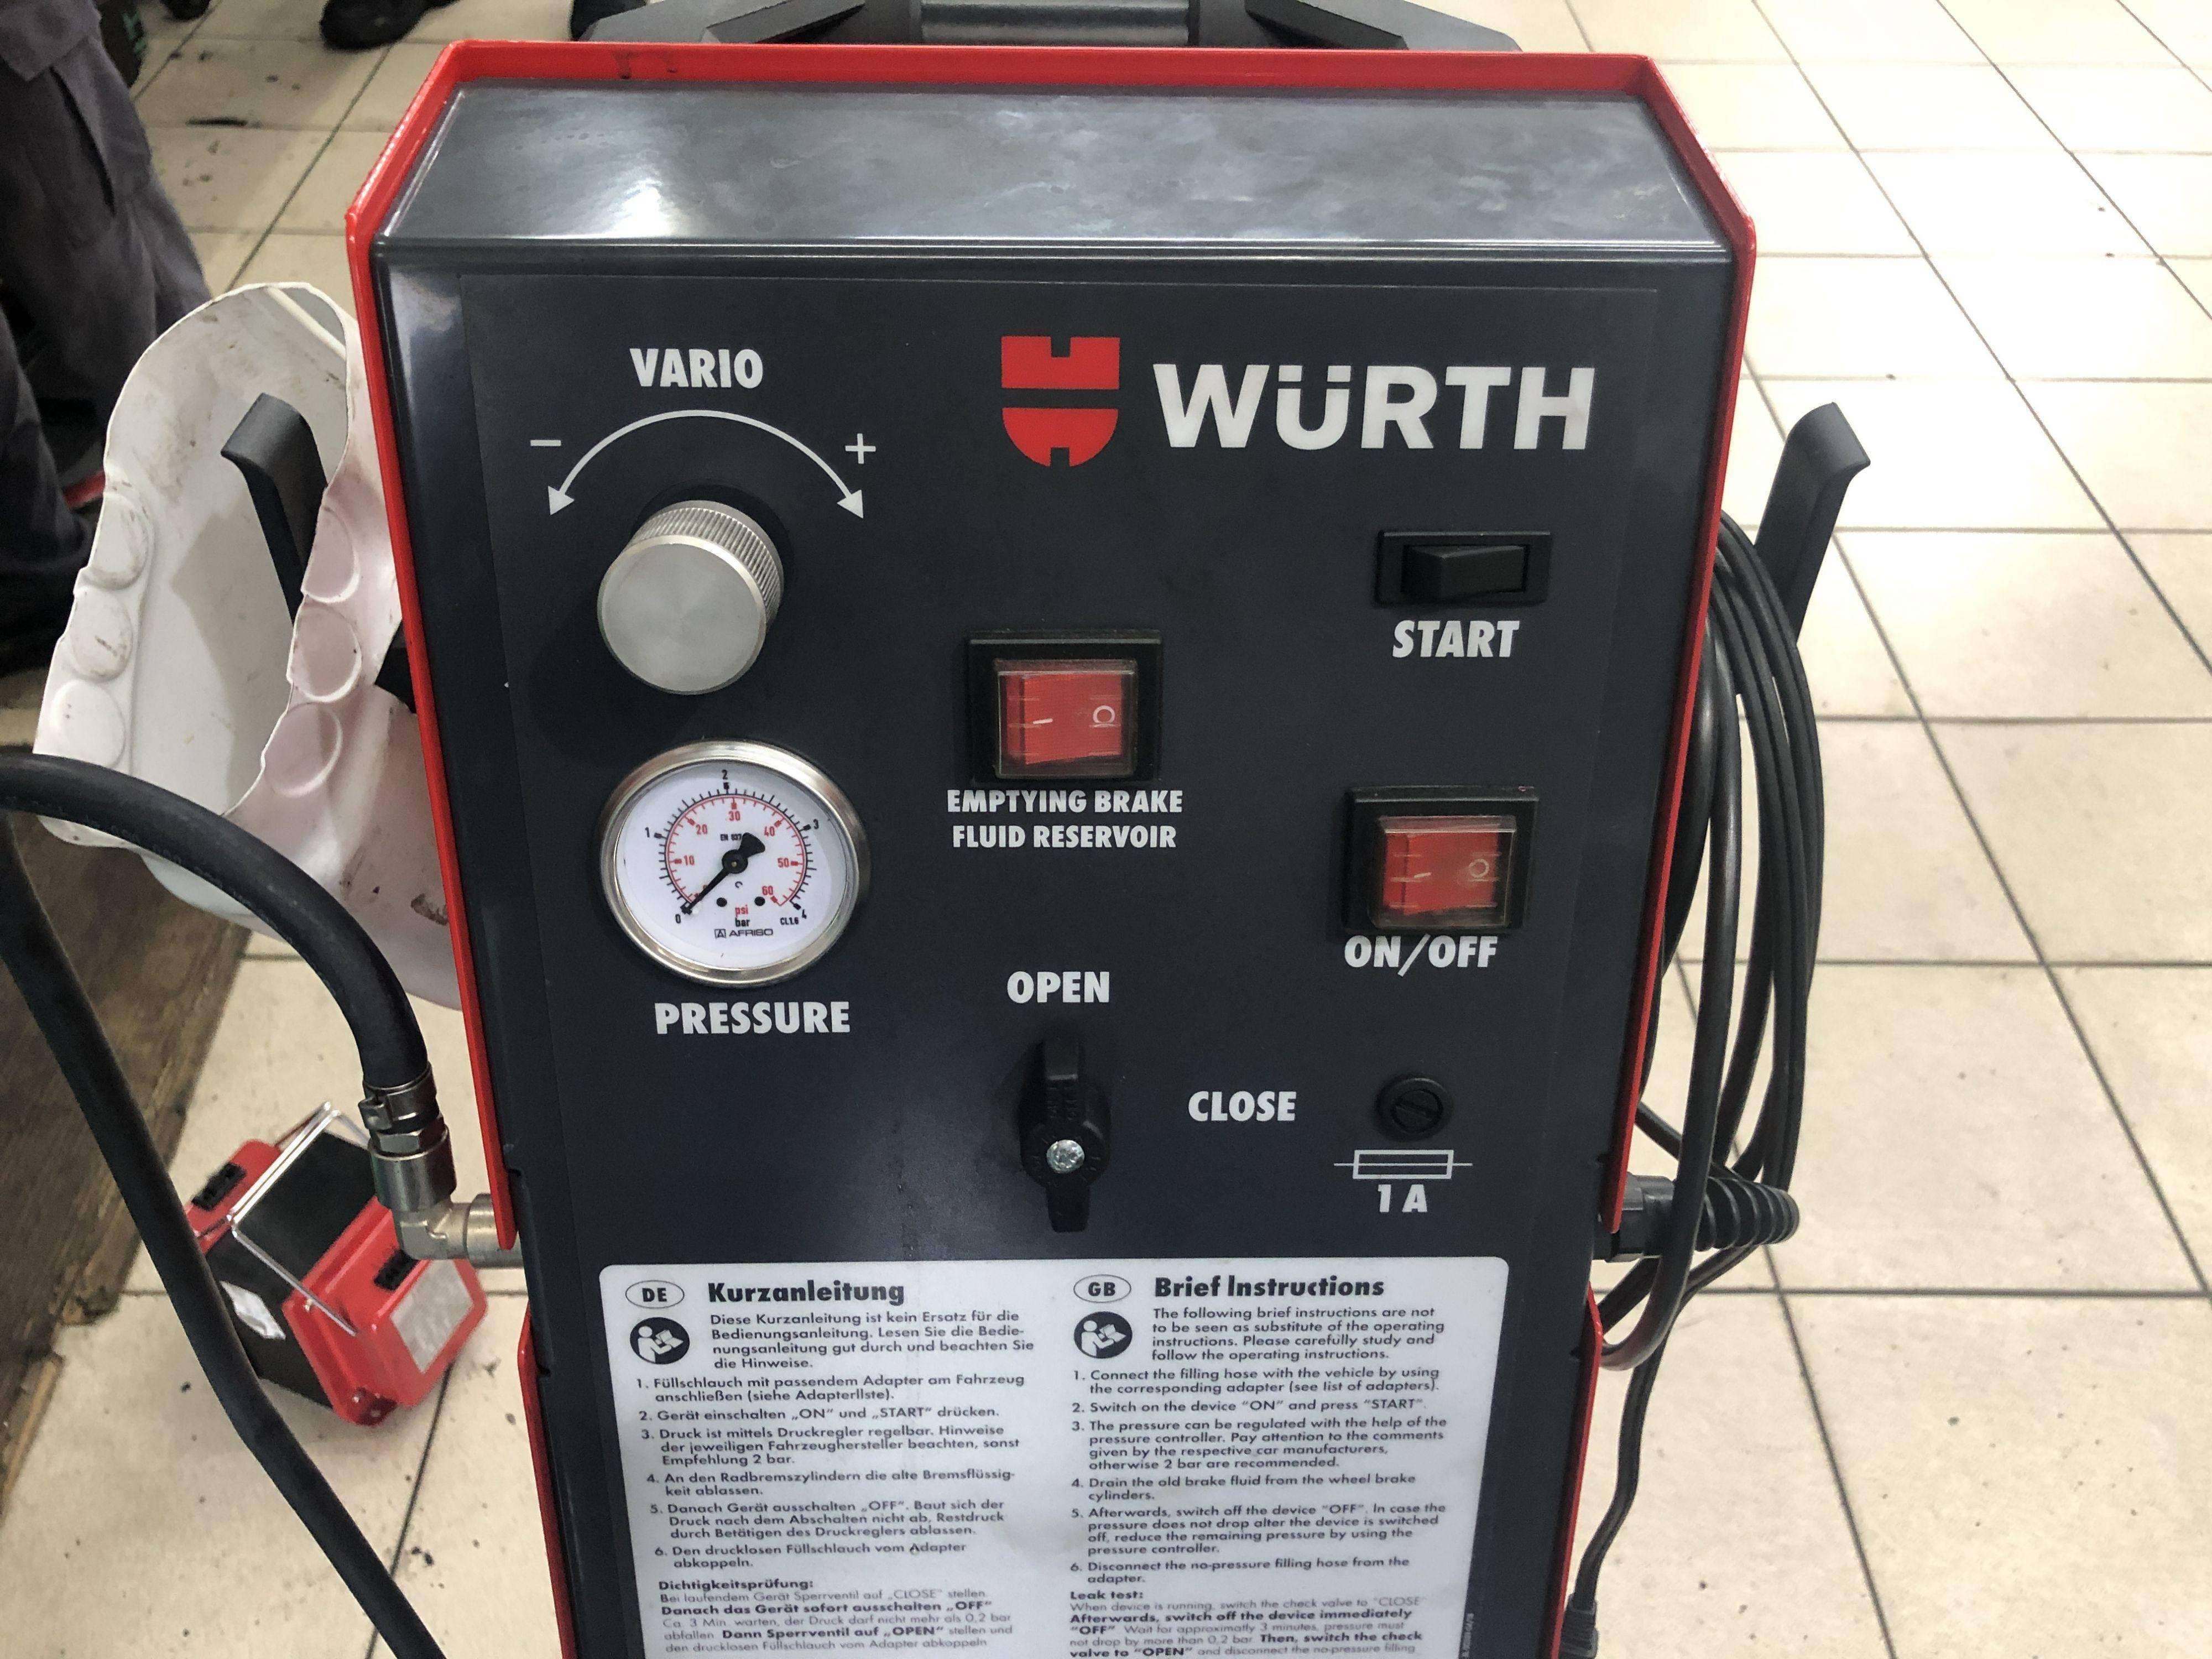 德國進口WURTH脈衝式煞車油更換設備